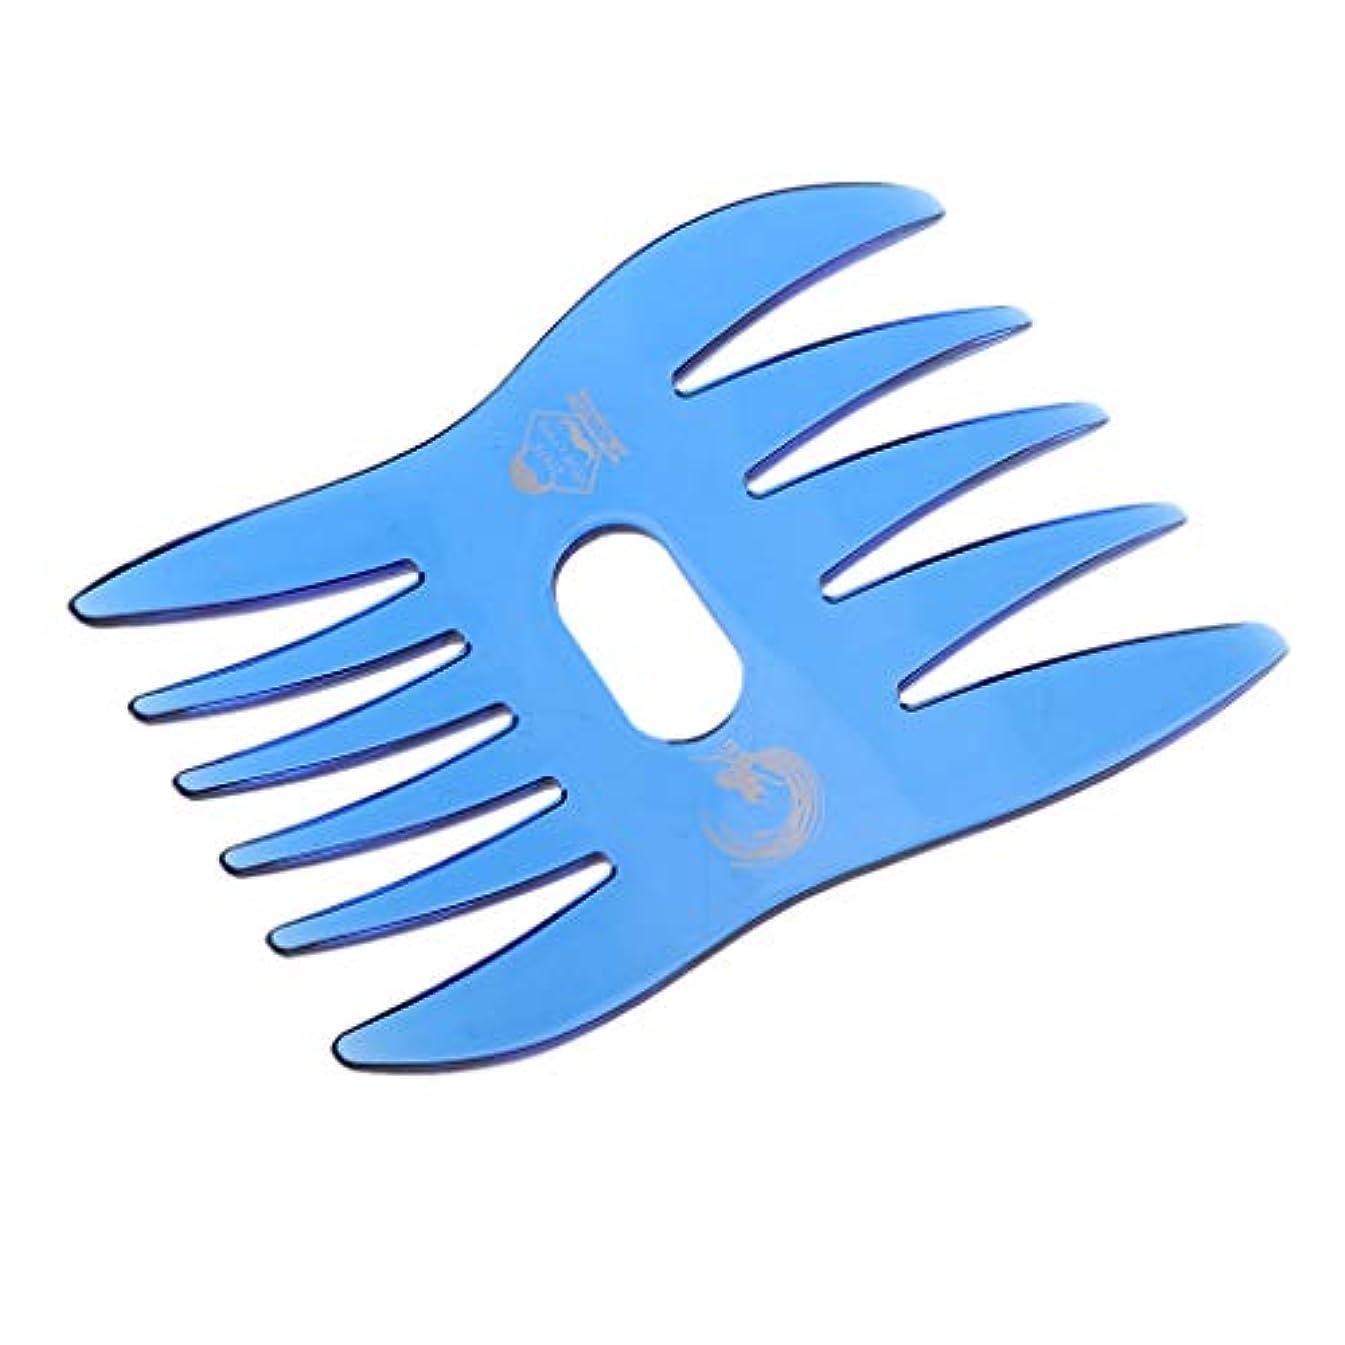 ルアートラフィック閃光T TOOYFUL デュアルサイドメンズオイルヘアコンサロン 帯電防止髪 くし 口ひげ - 青